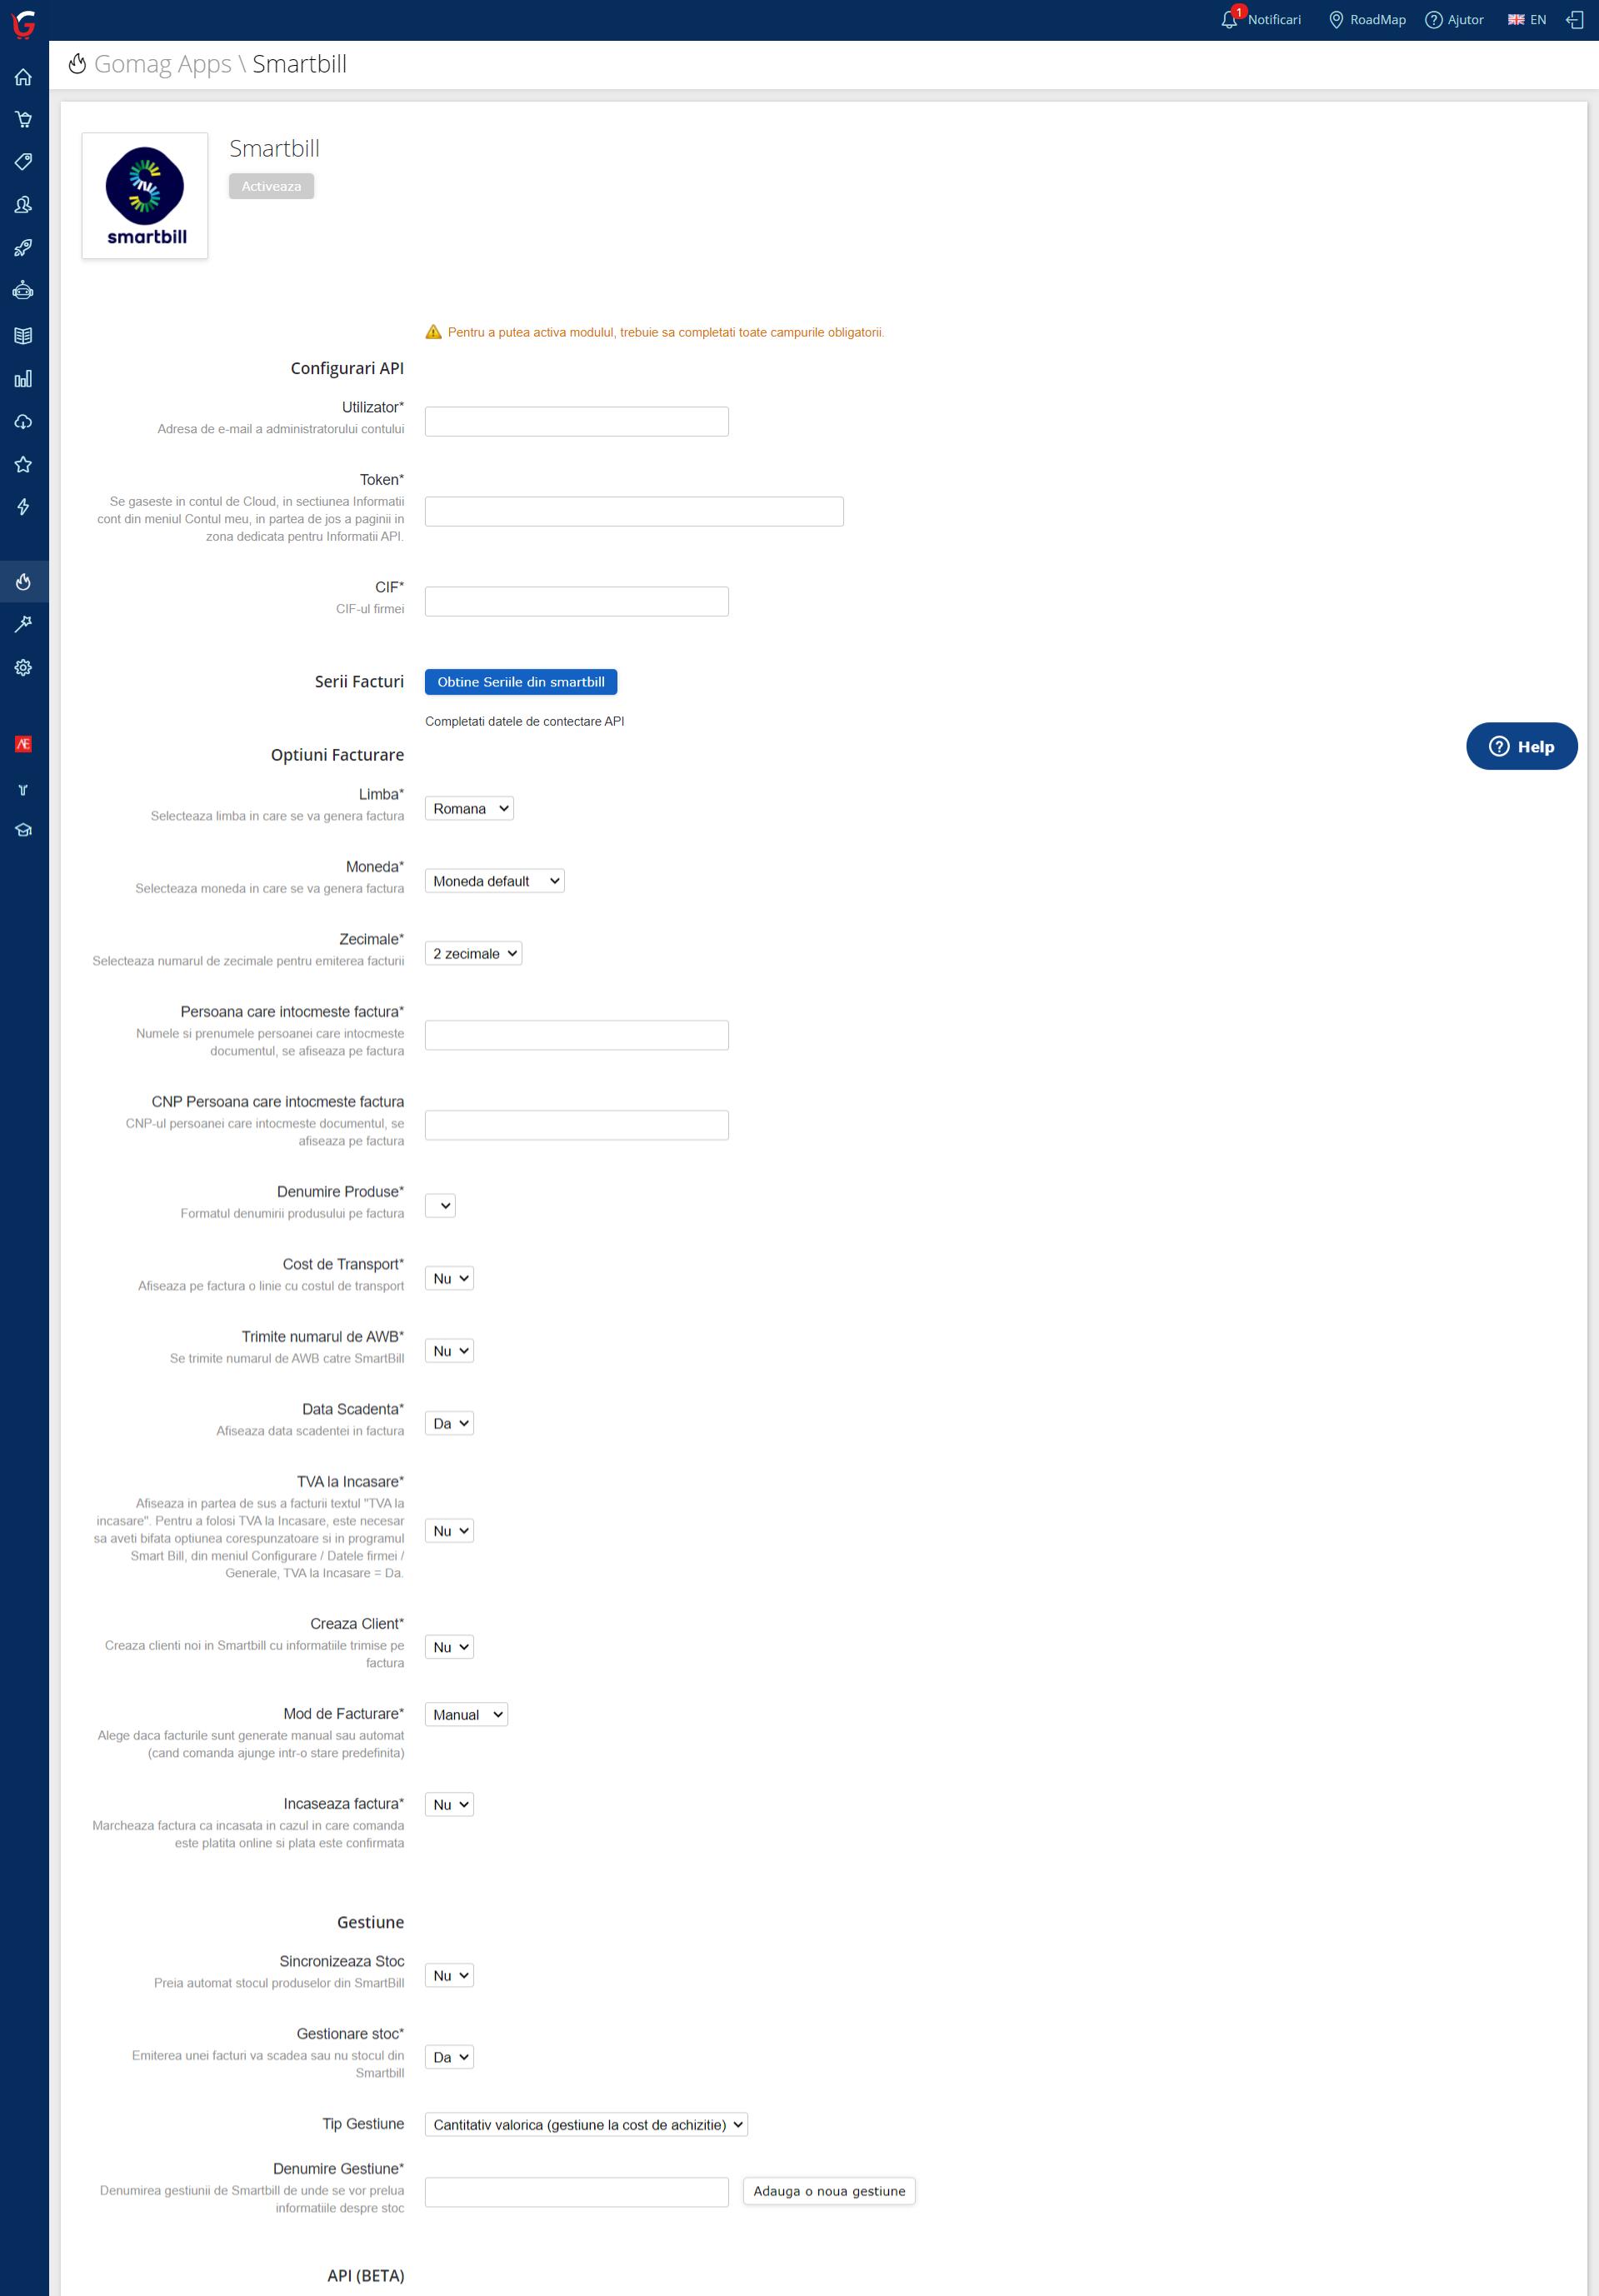 integrare-gomag-smartbill